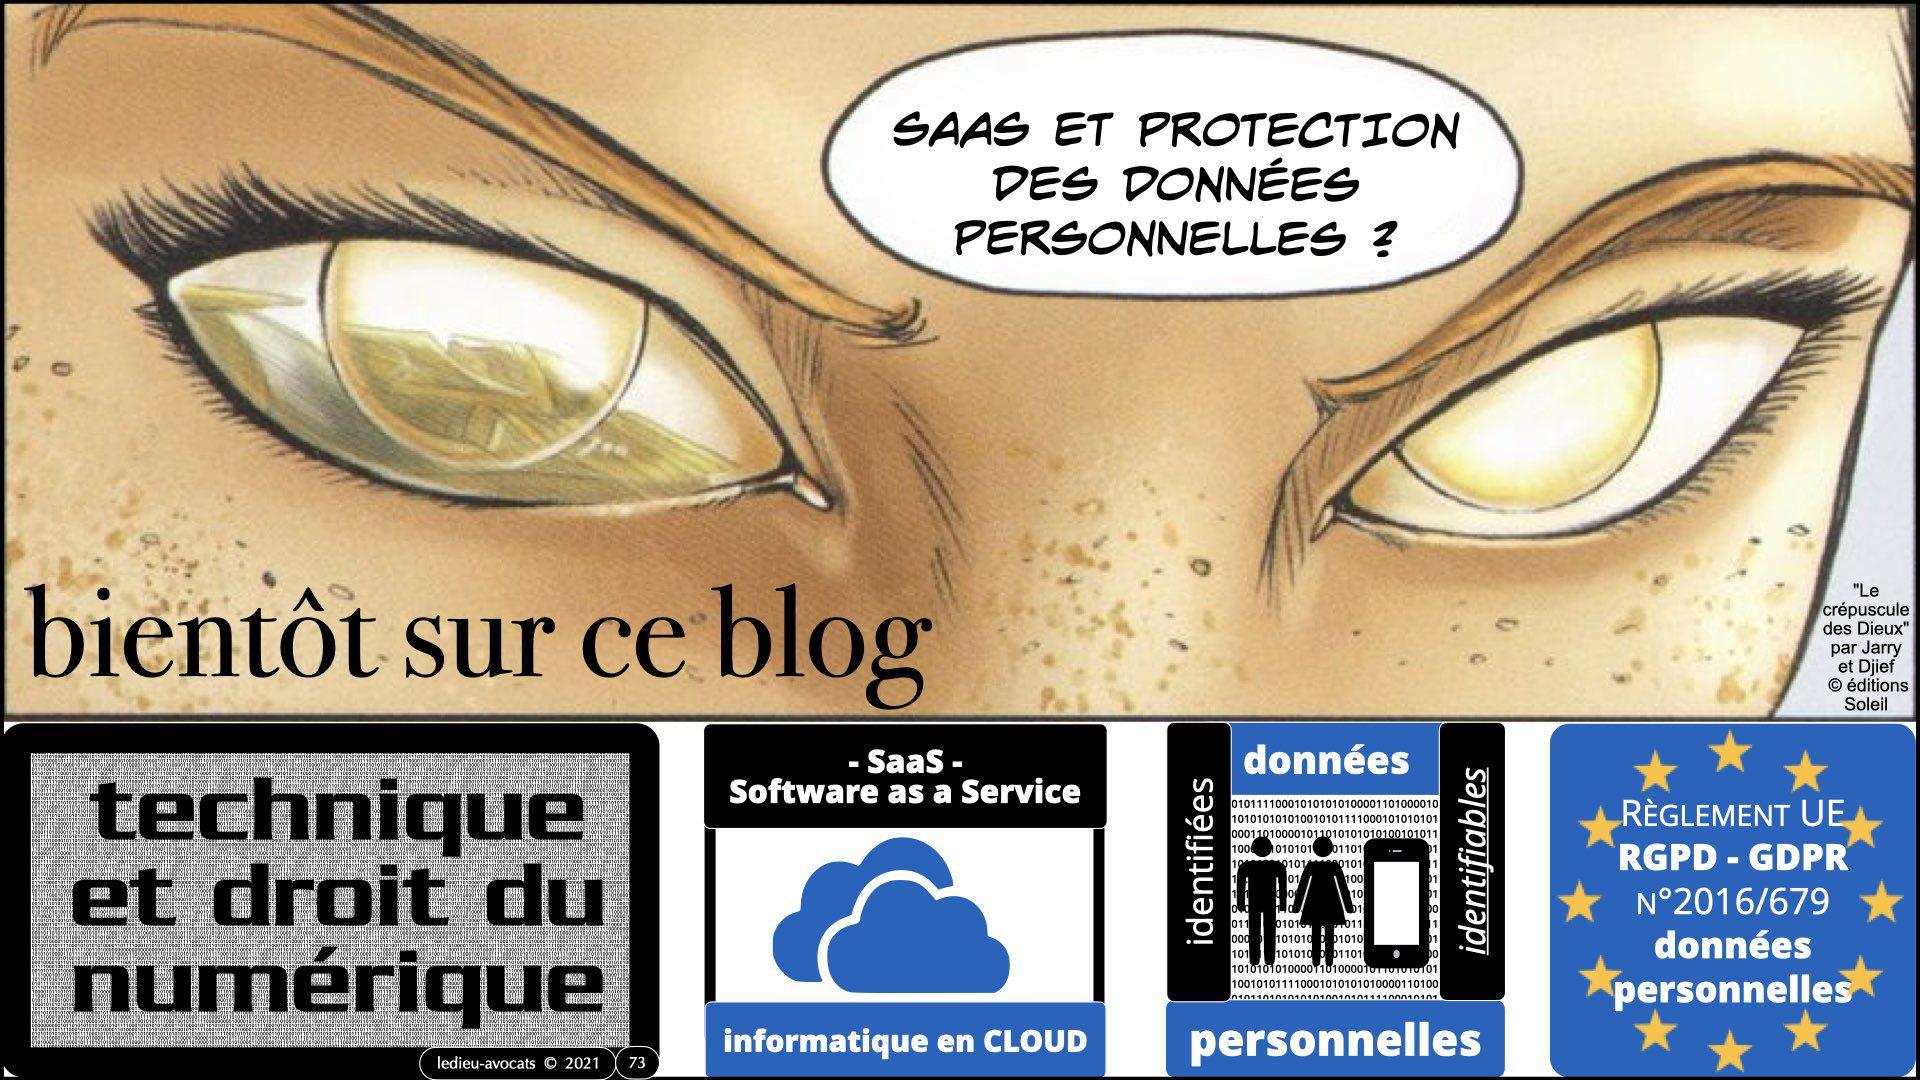 343 service LOGICIEL SaaS Software-as-a-Service cloud computing © Ledieu-Avocats technique droit numerique 30-08-2021.073